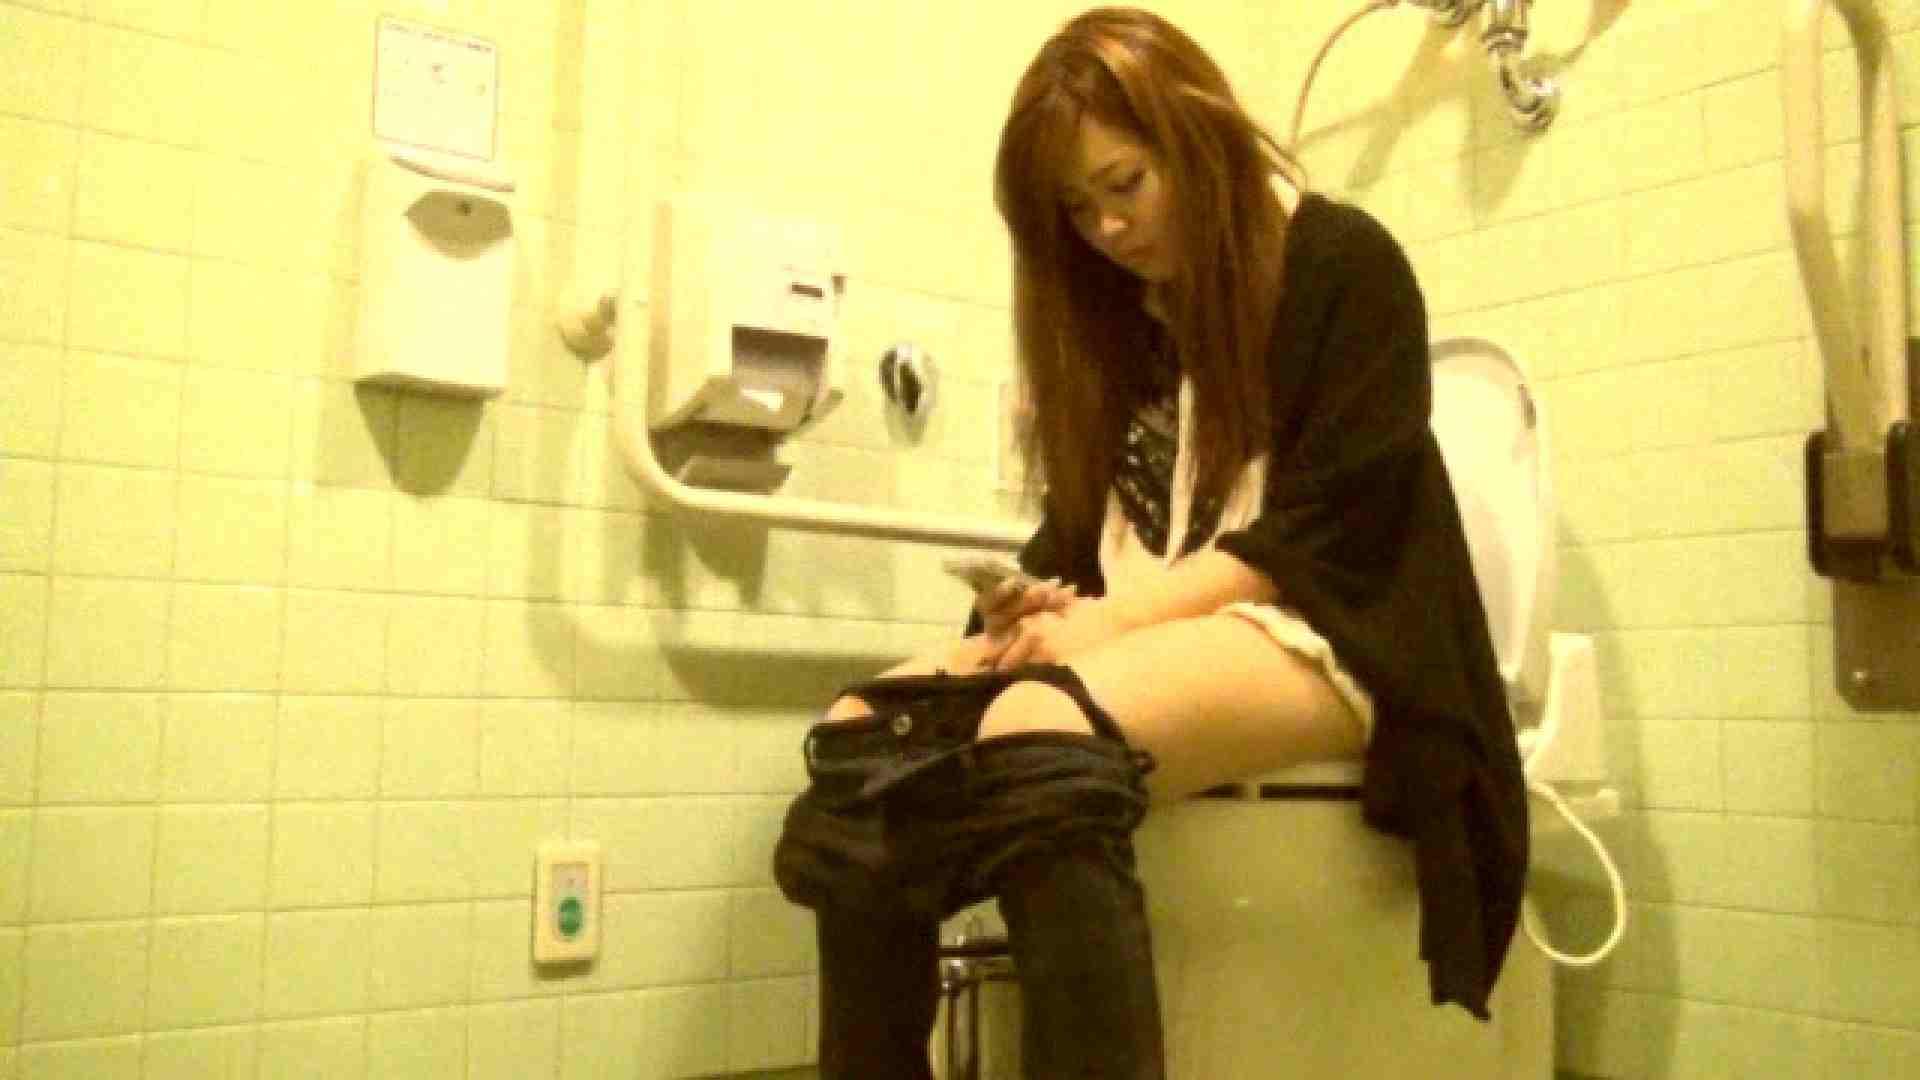 魔術師の お・も・て・な・し vol.26 19歳のバーの店員さんの洗面所をしばし… 洗面所 隠し撮りおまんこ動画流出 90pic 5